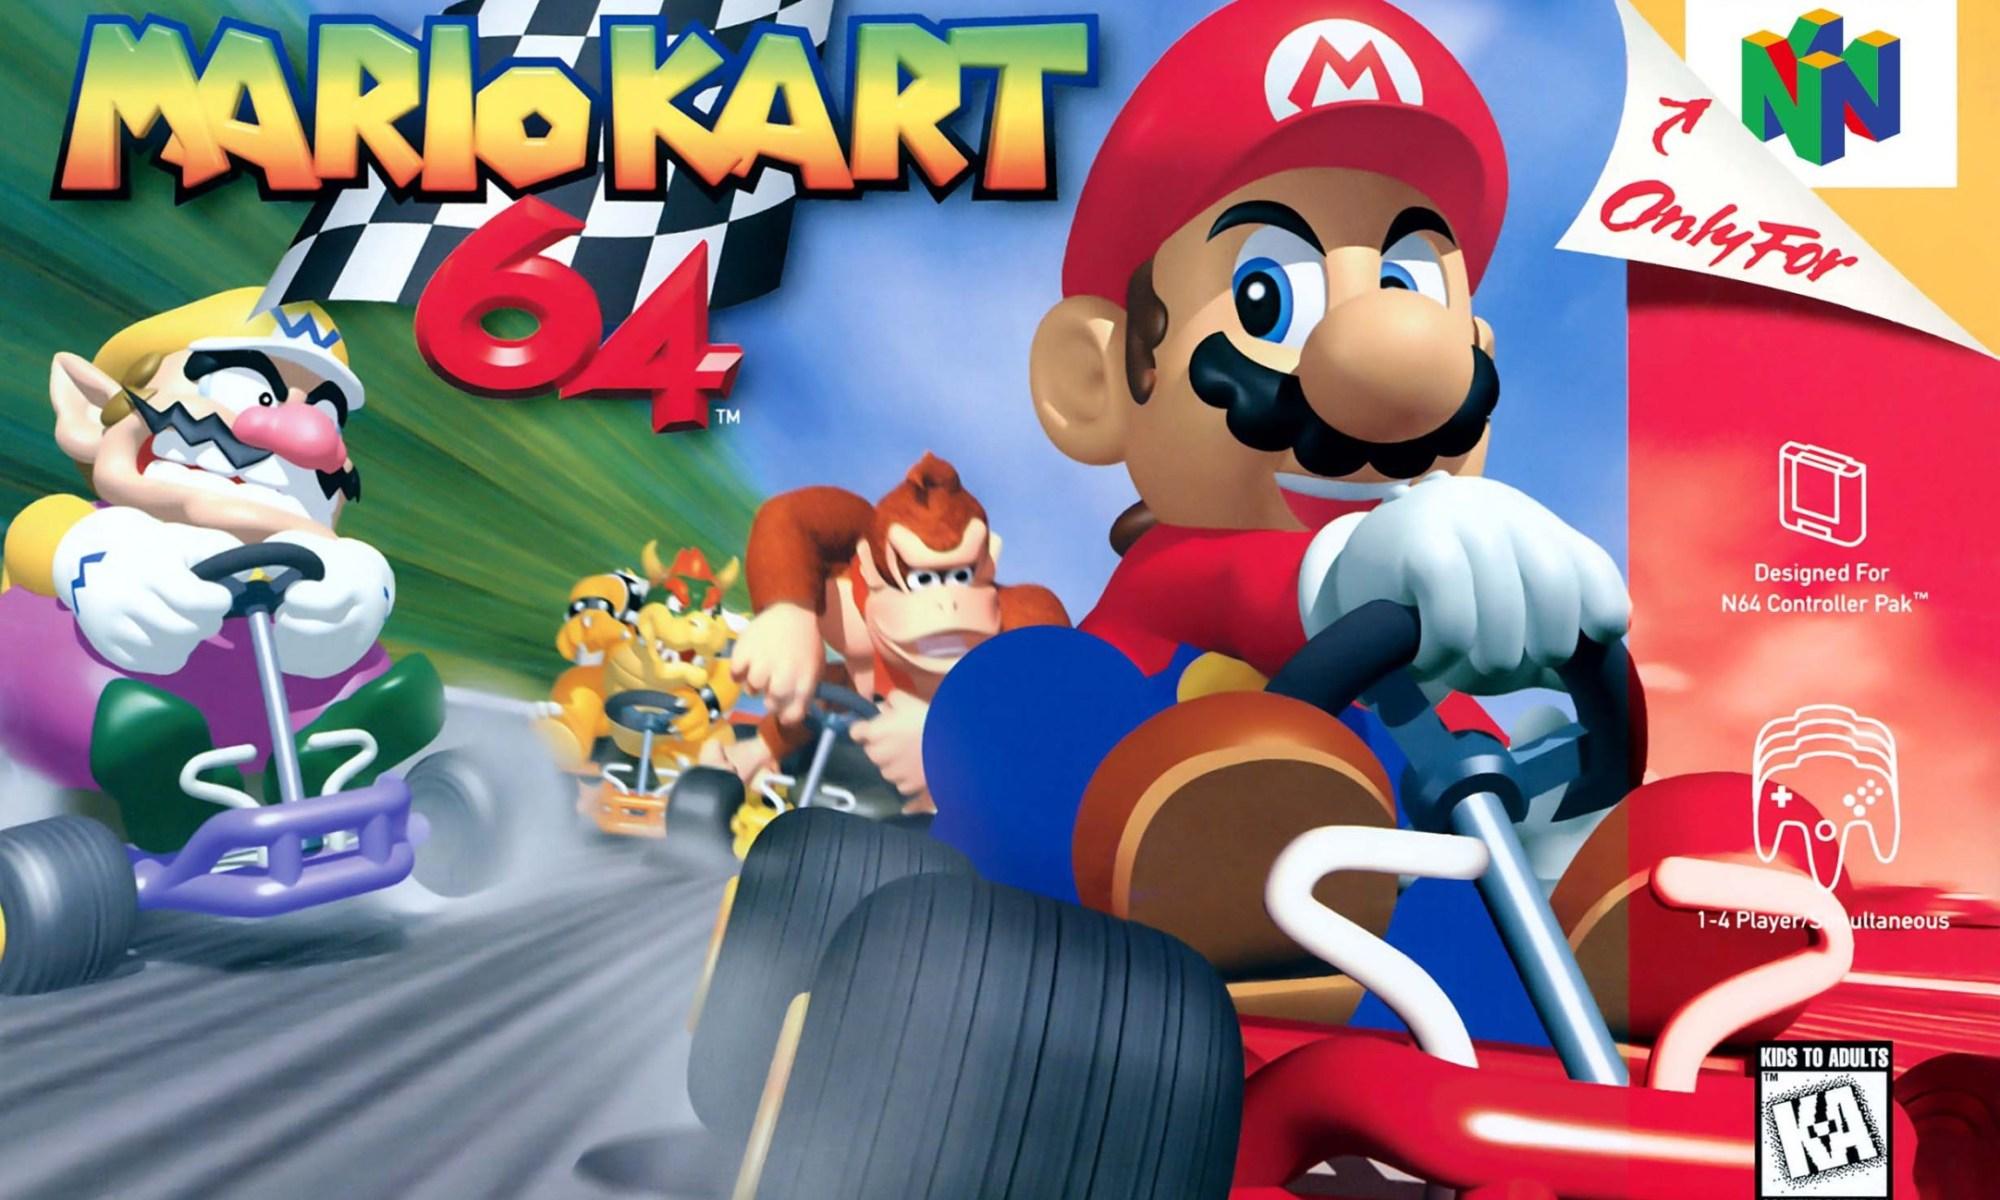 Mario Kart 64 box-art